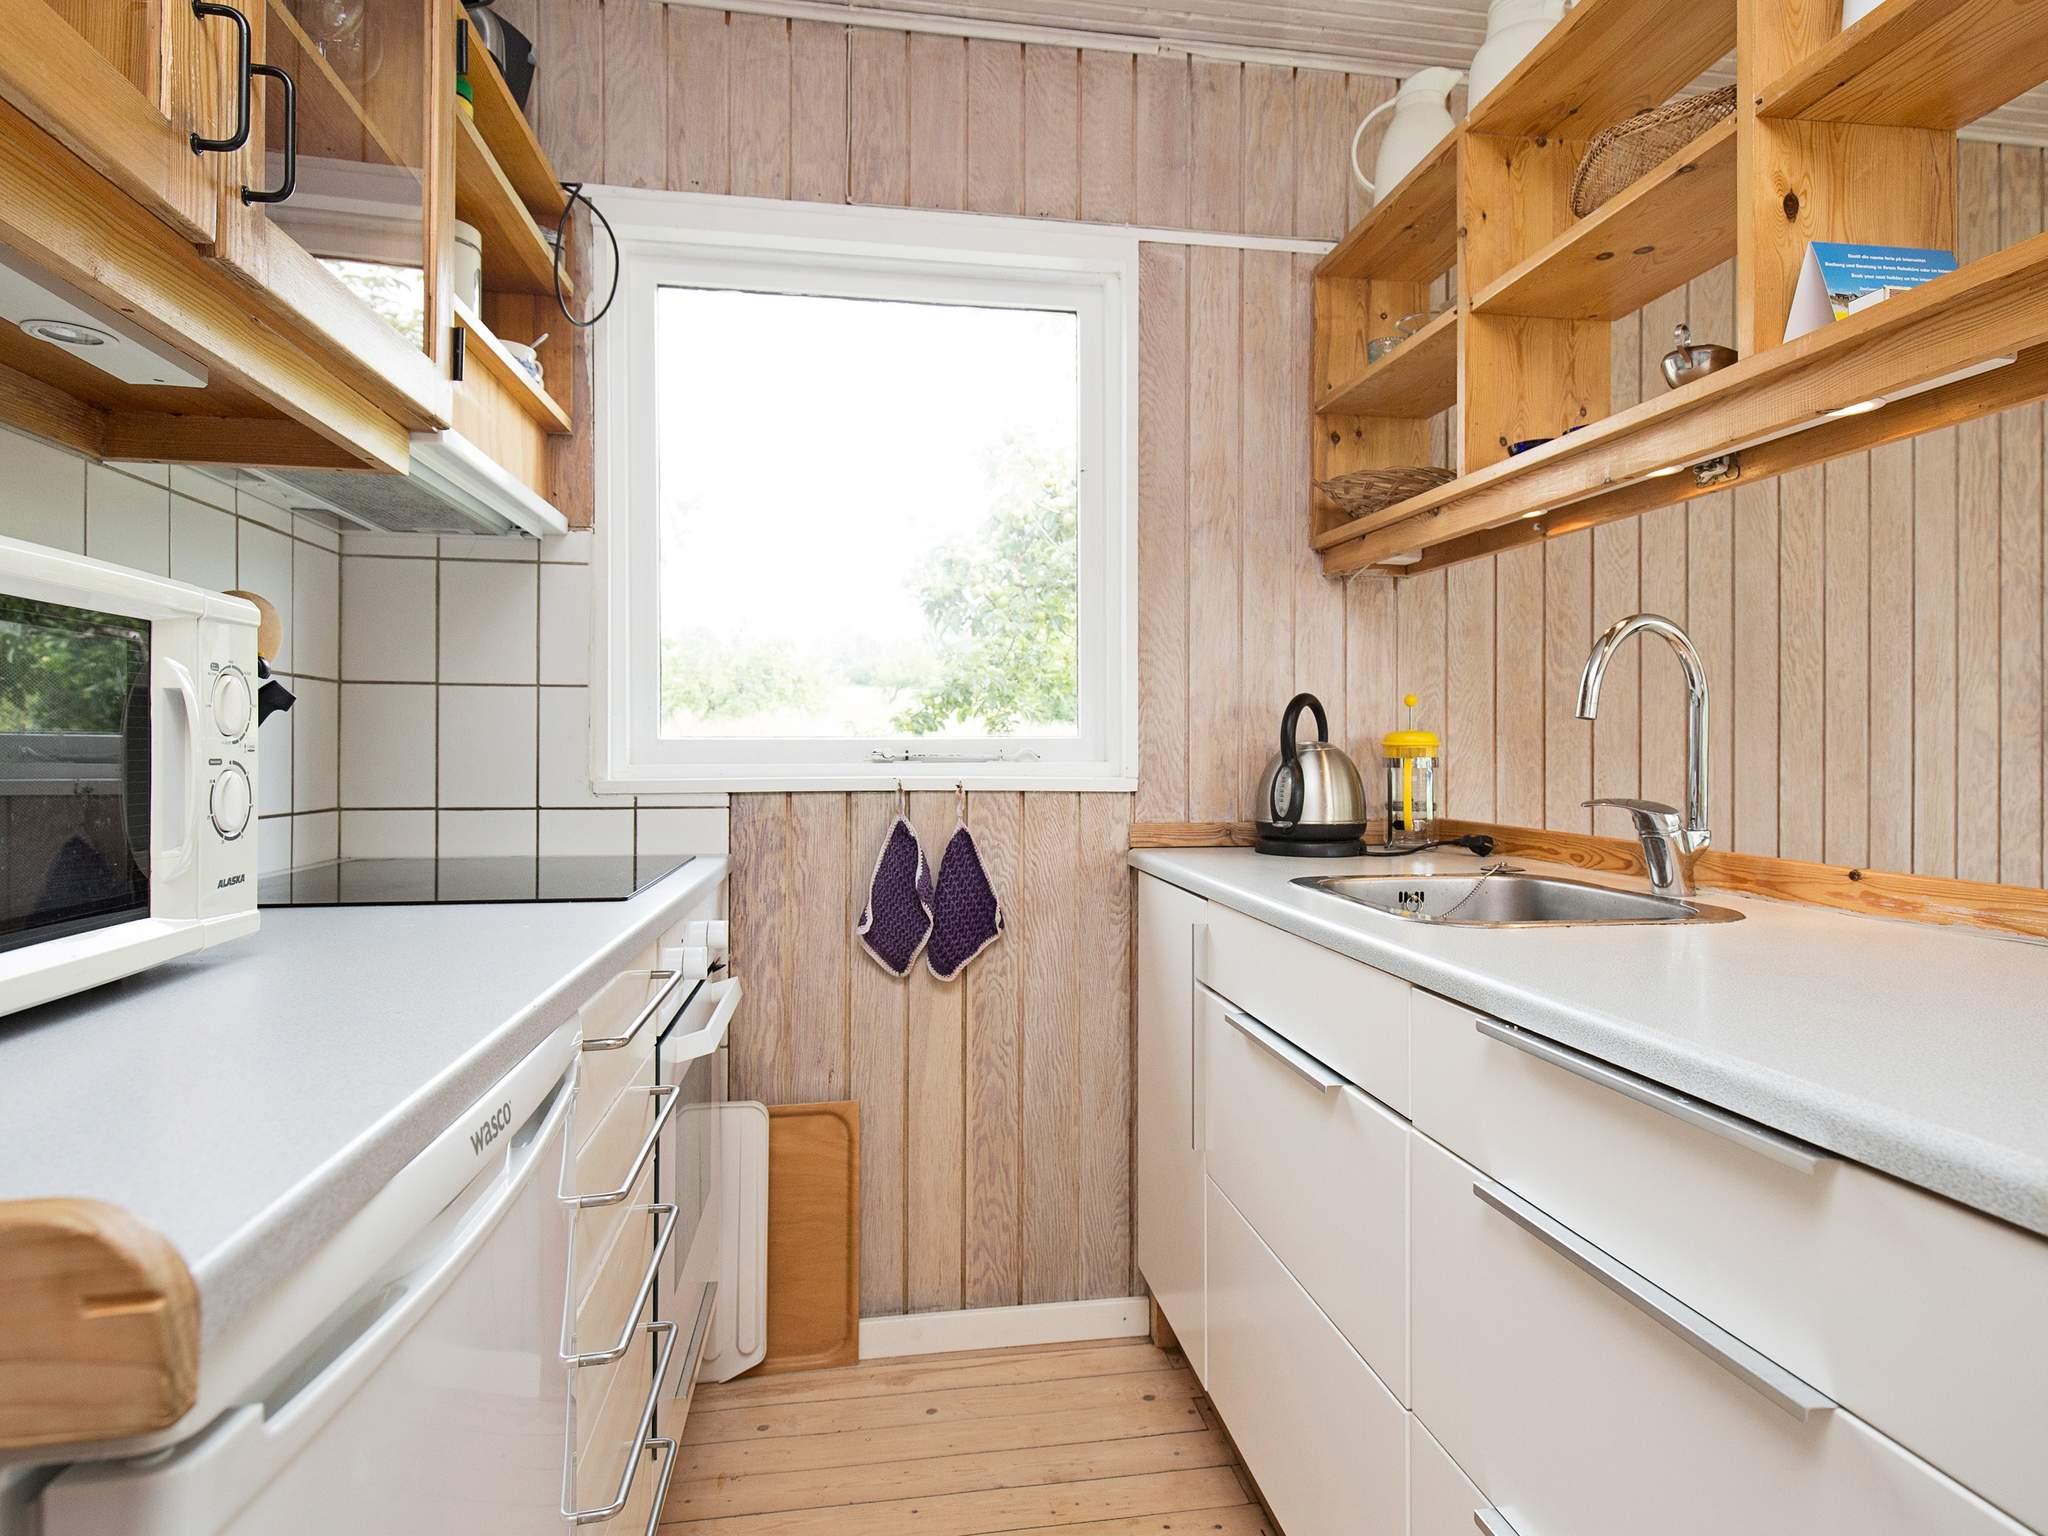 Ferienhaus Bakkebølle Strand (81867), Bakkebølle Strand, , Südseeland, Dänemark, Bild 17